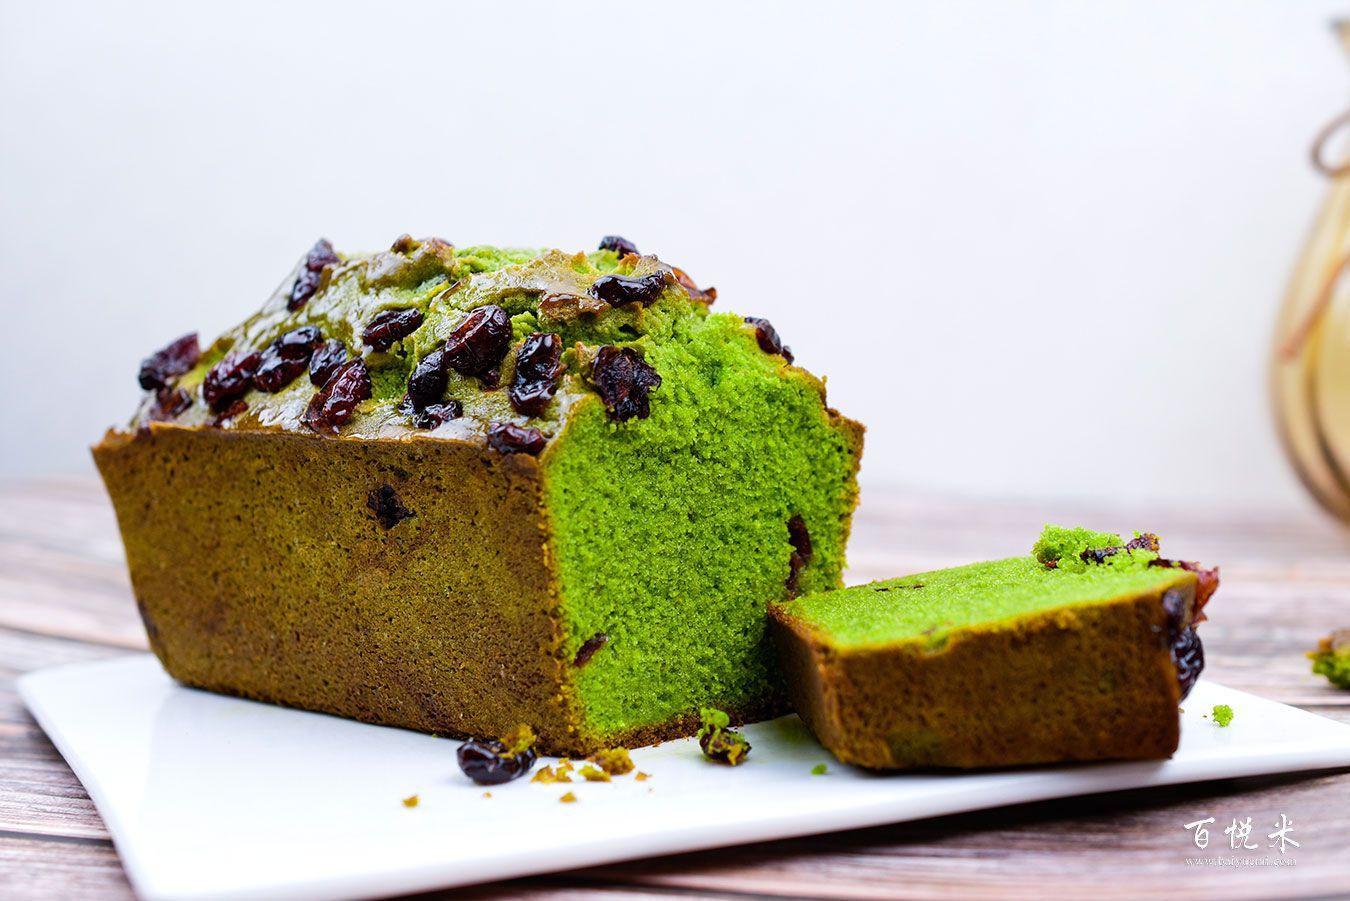 抹茶磅蛋糕的高清图片大全【蛋糕图片】_307